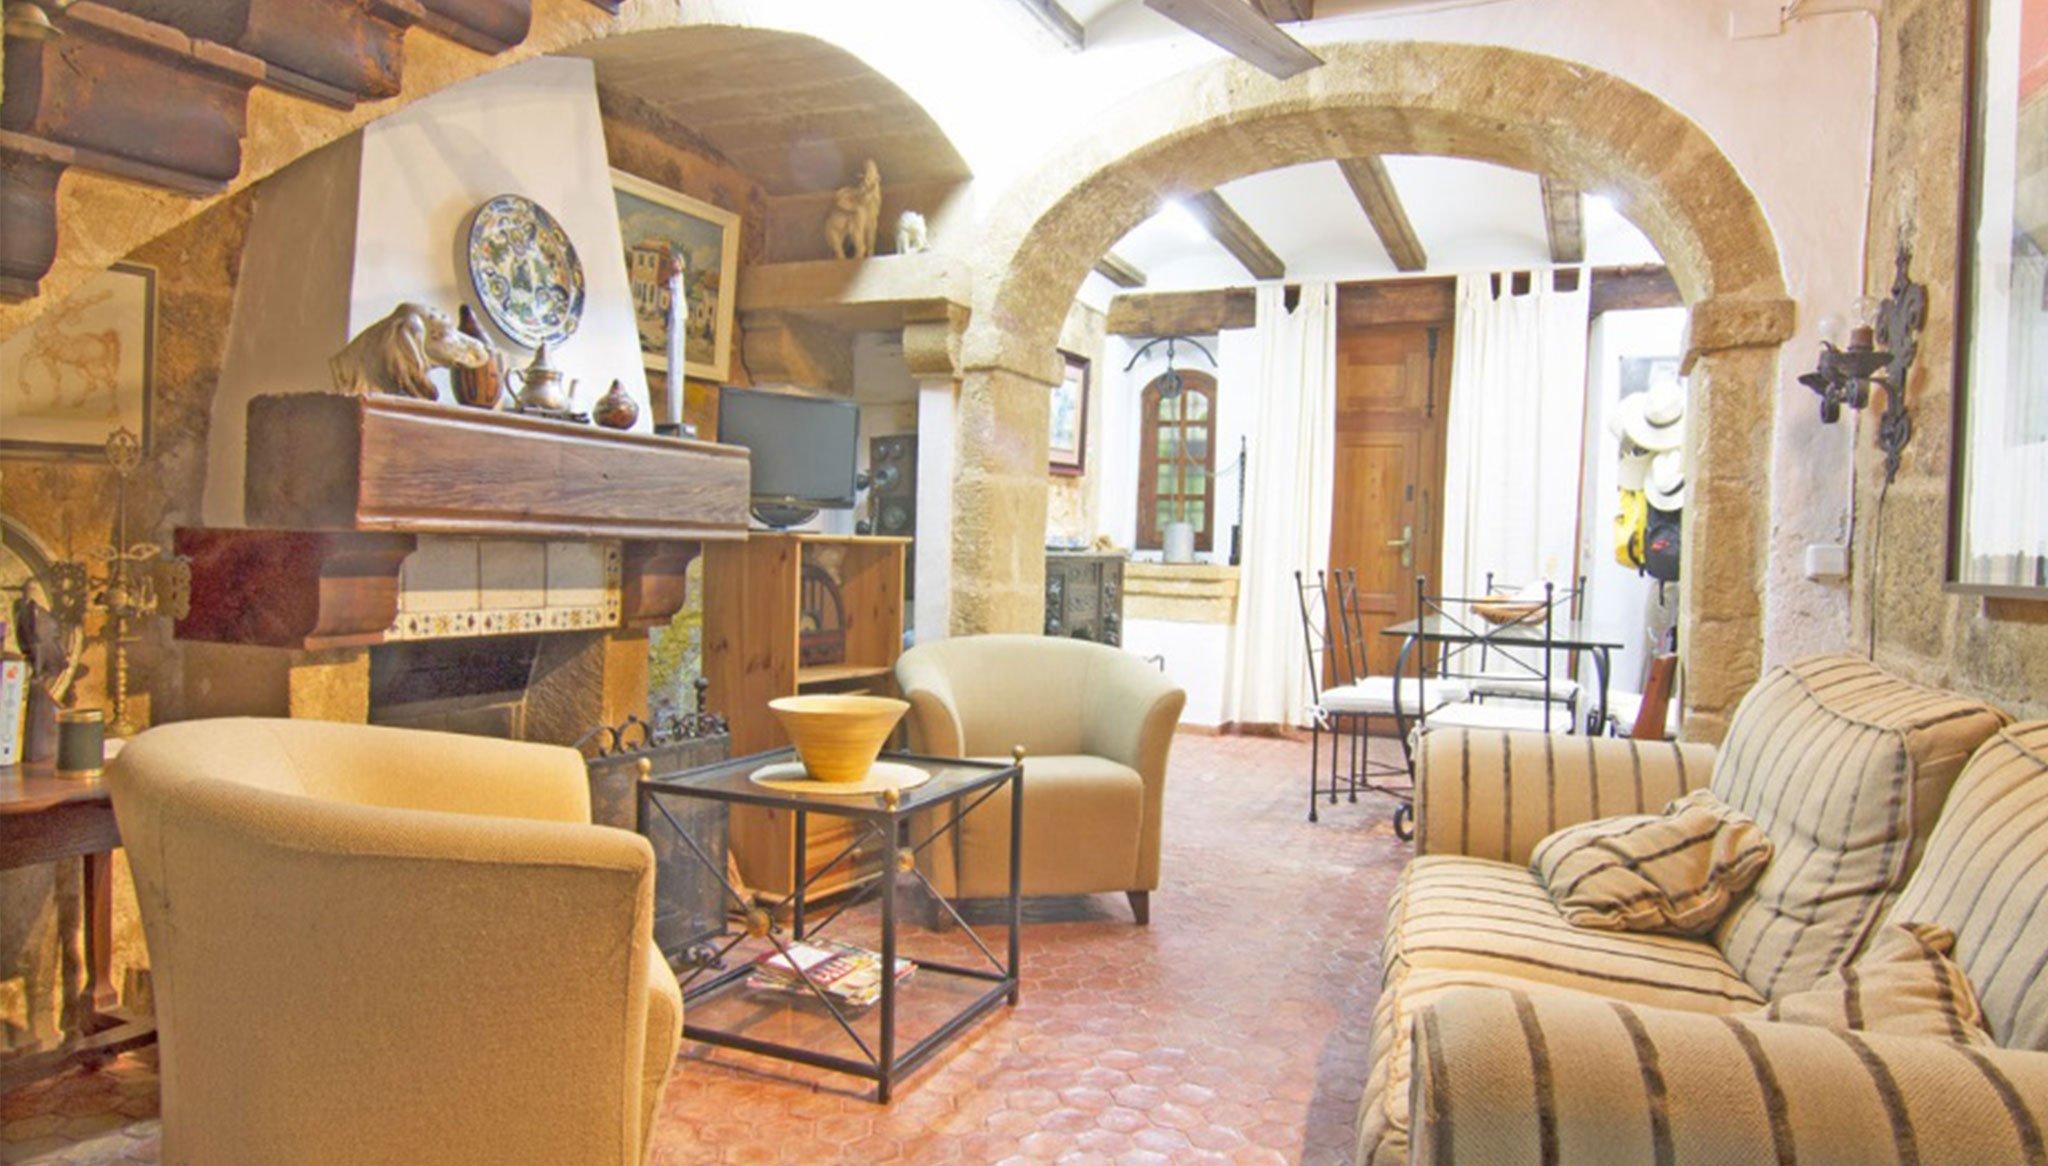 Saló moblat en una casa de poble a Xàbia - MORAGUESPONS Mediterranean Houses